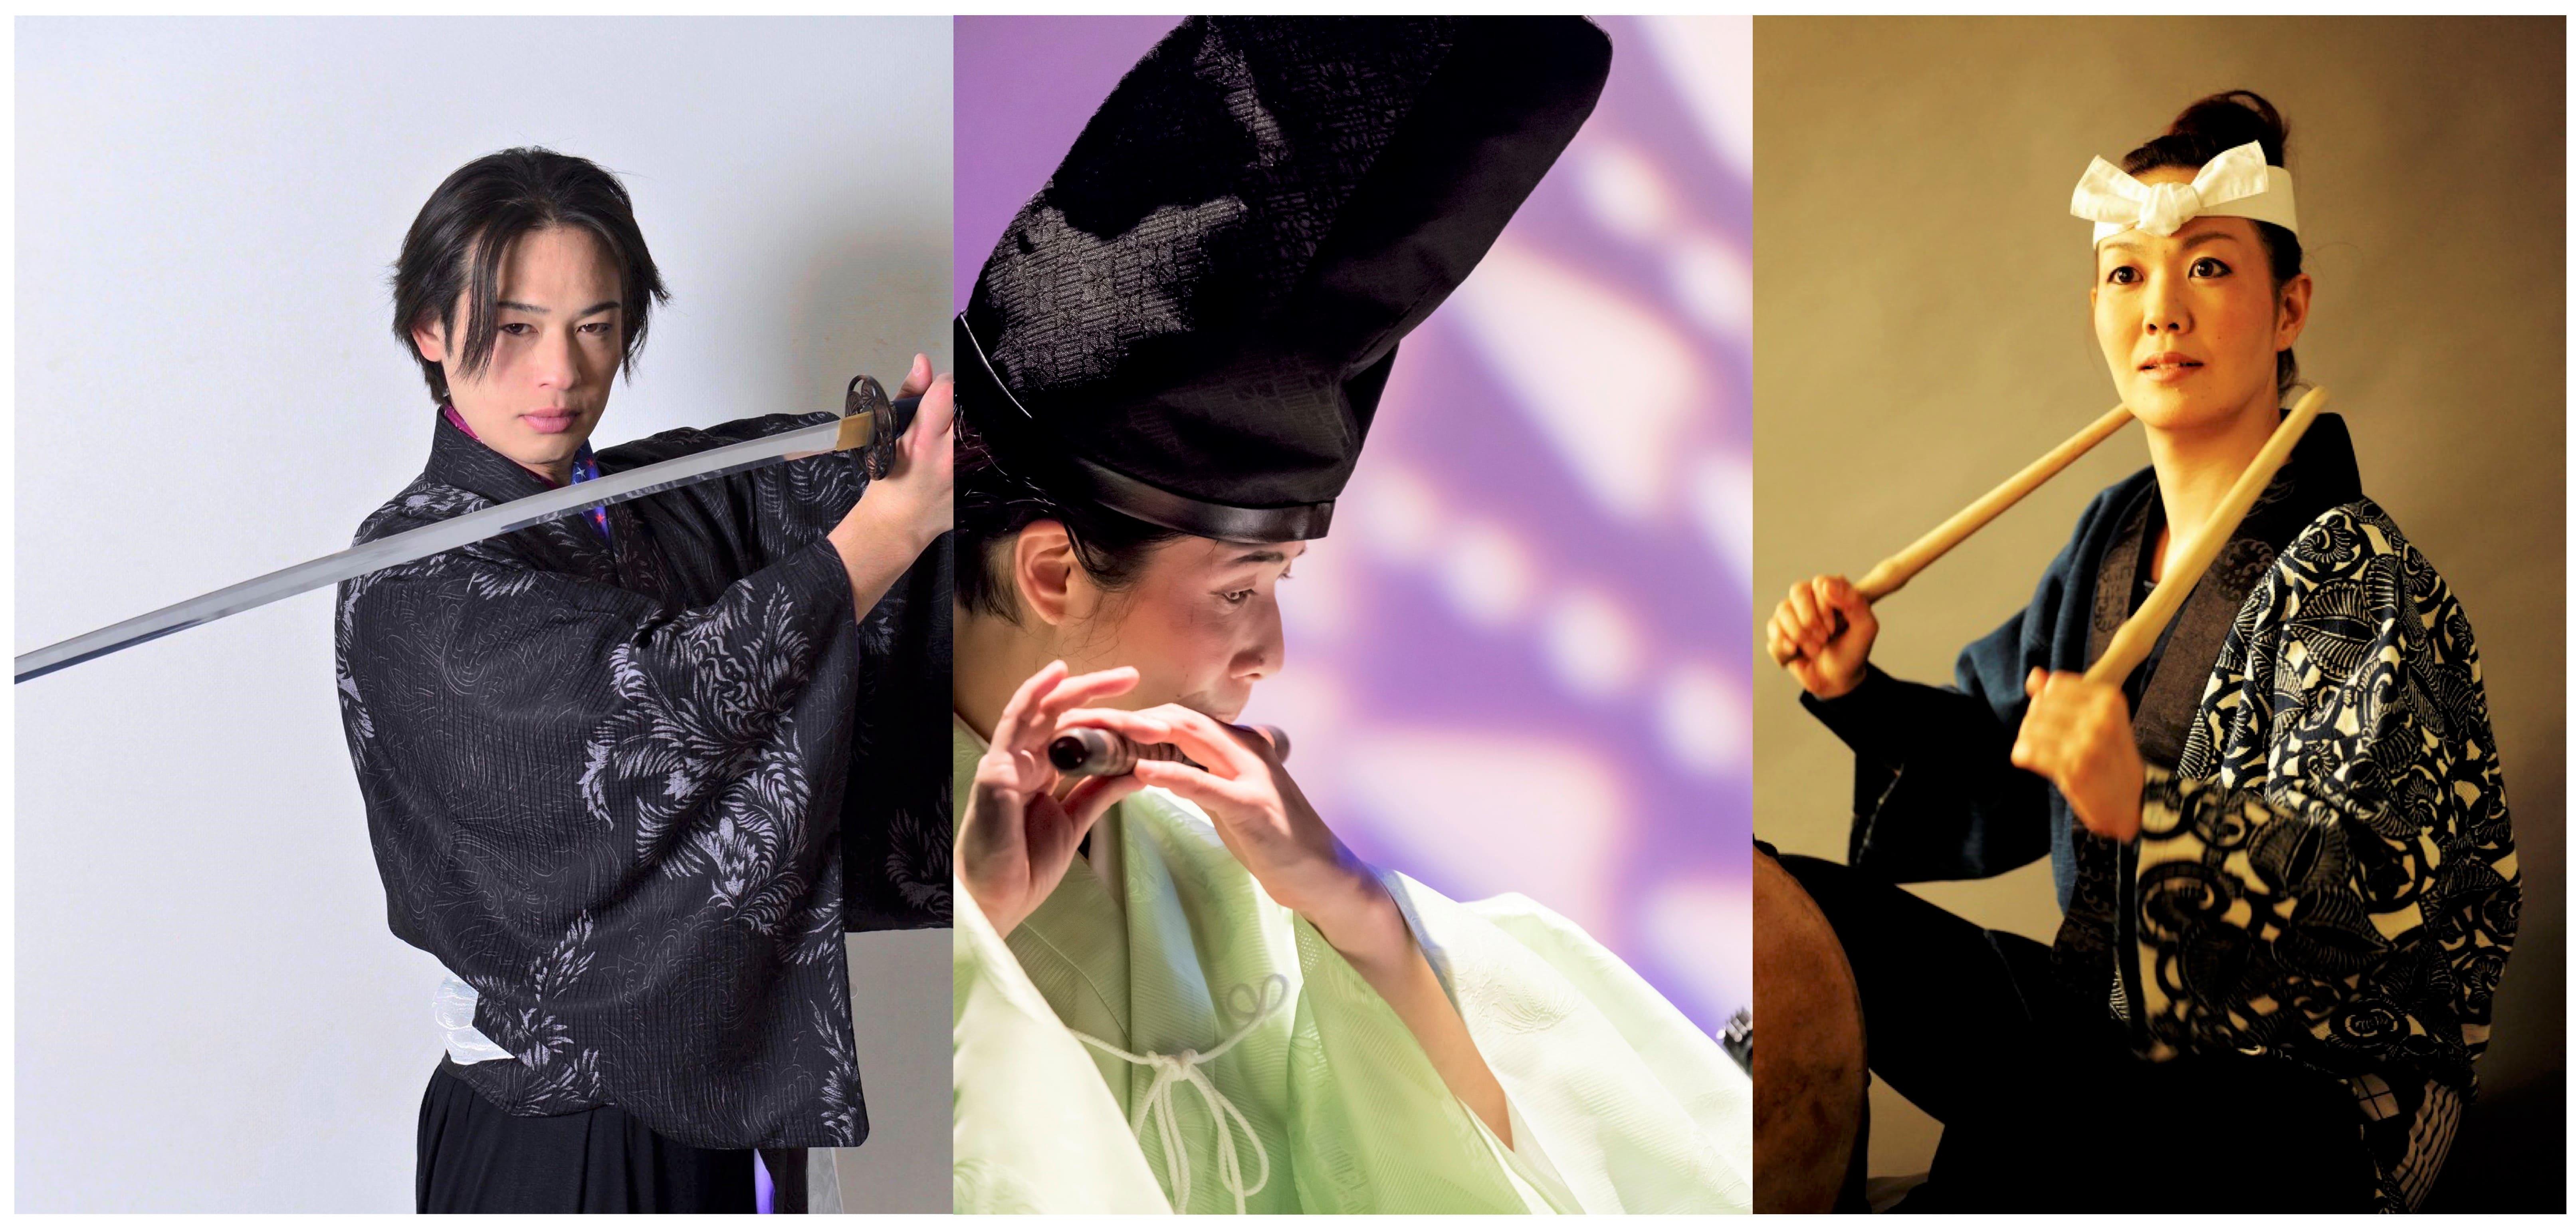 【オルビスホール情報】7/31(土)「剣舞・笛・和太鼓 こころとからだのための和文化体験ワークショップ」開催!